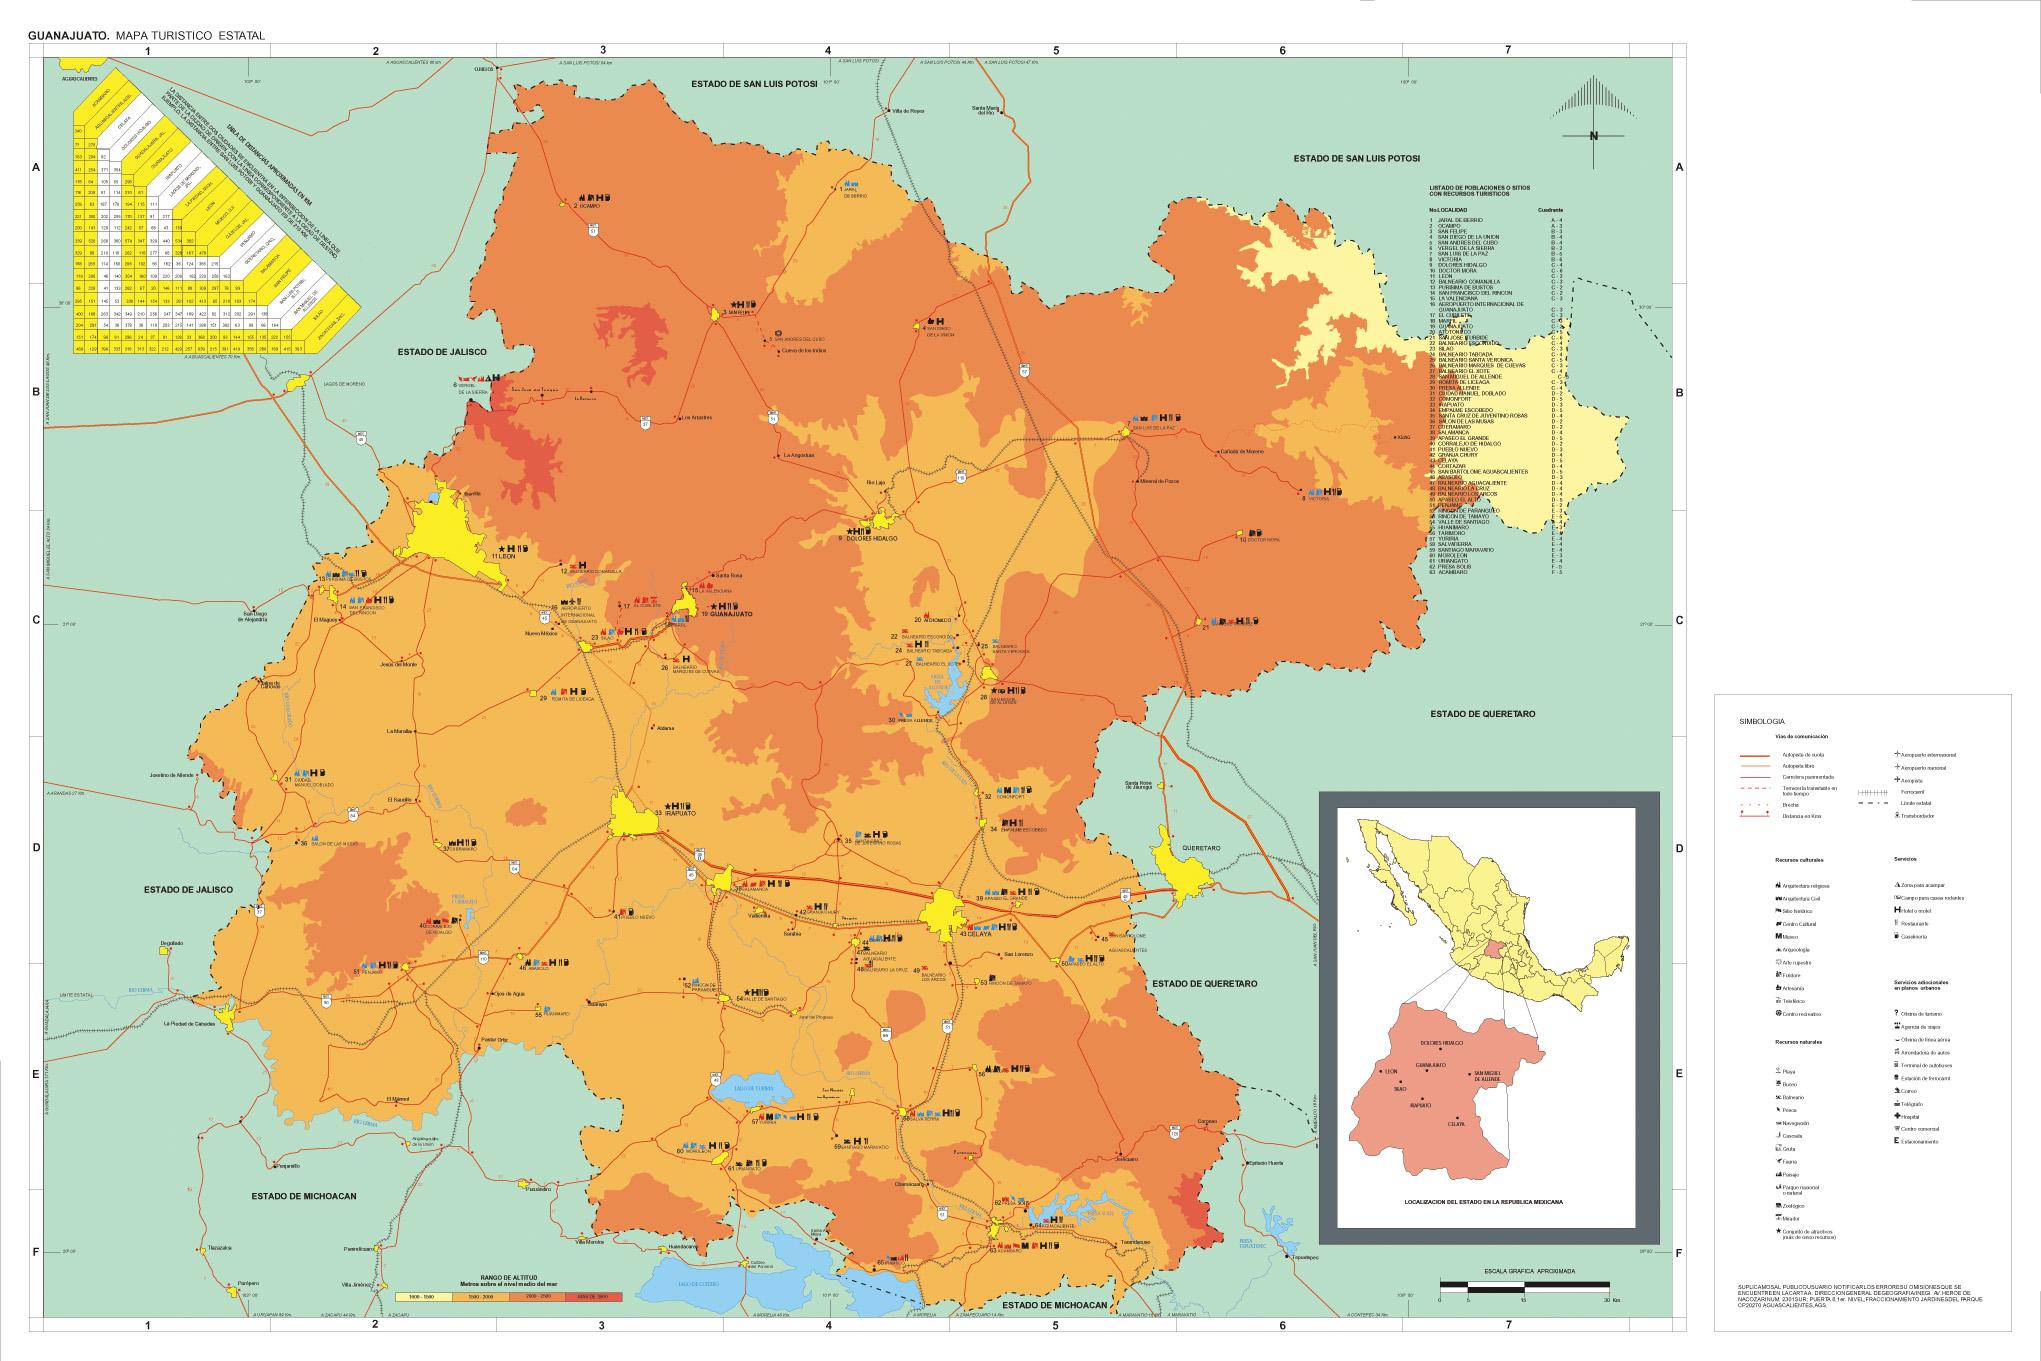 Guanajuato State Map, Mexico